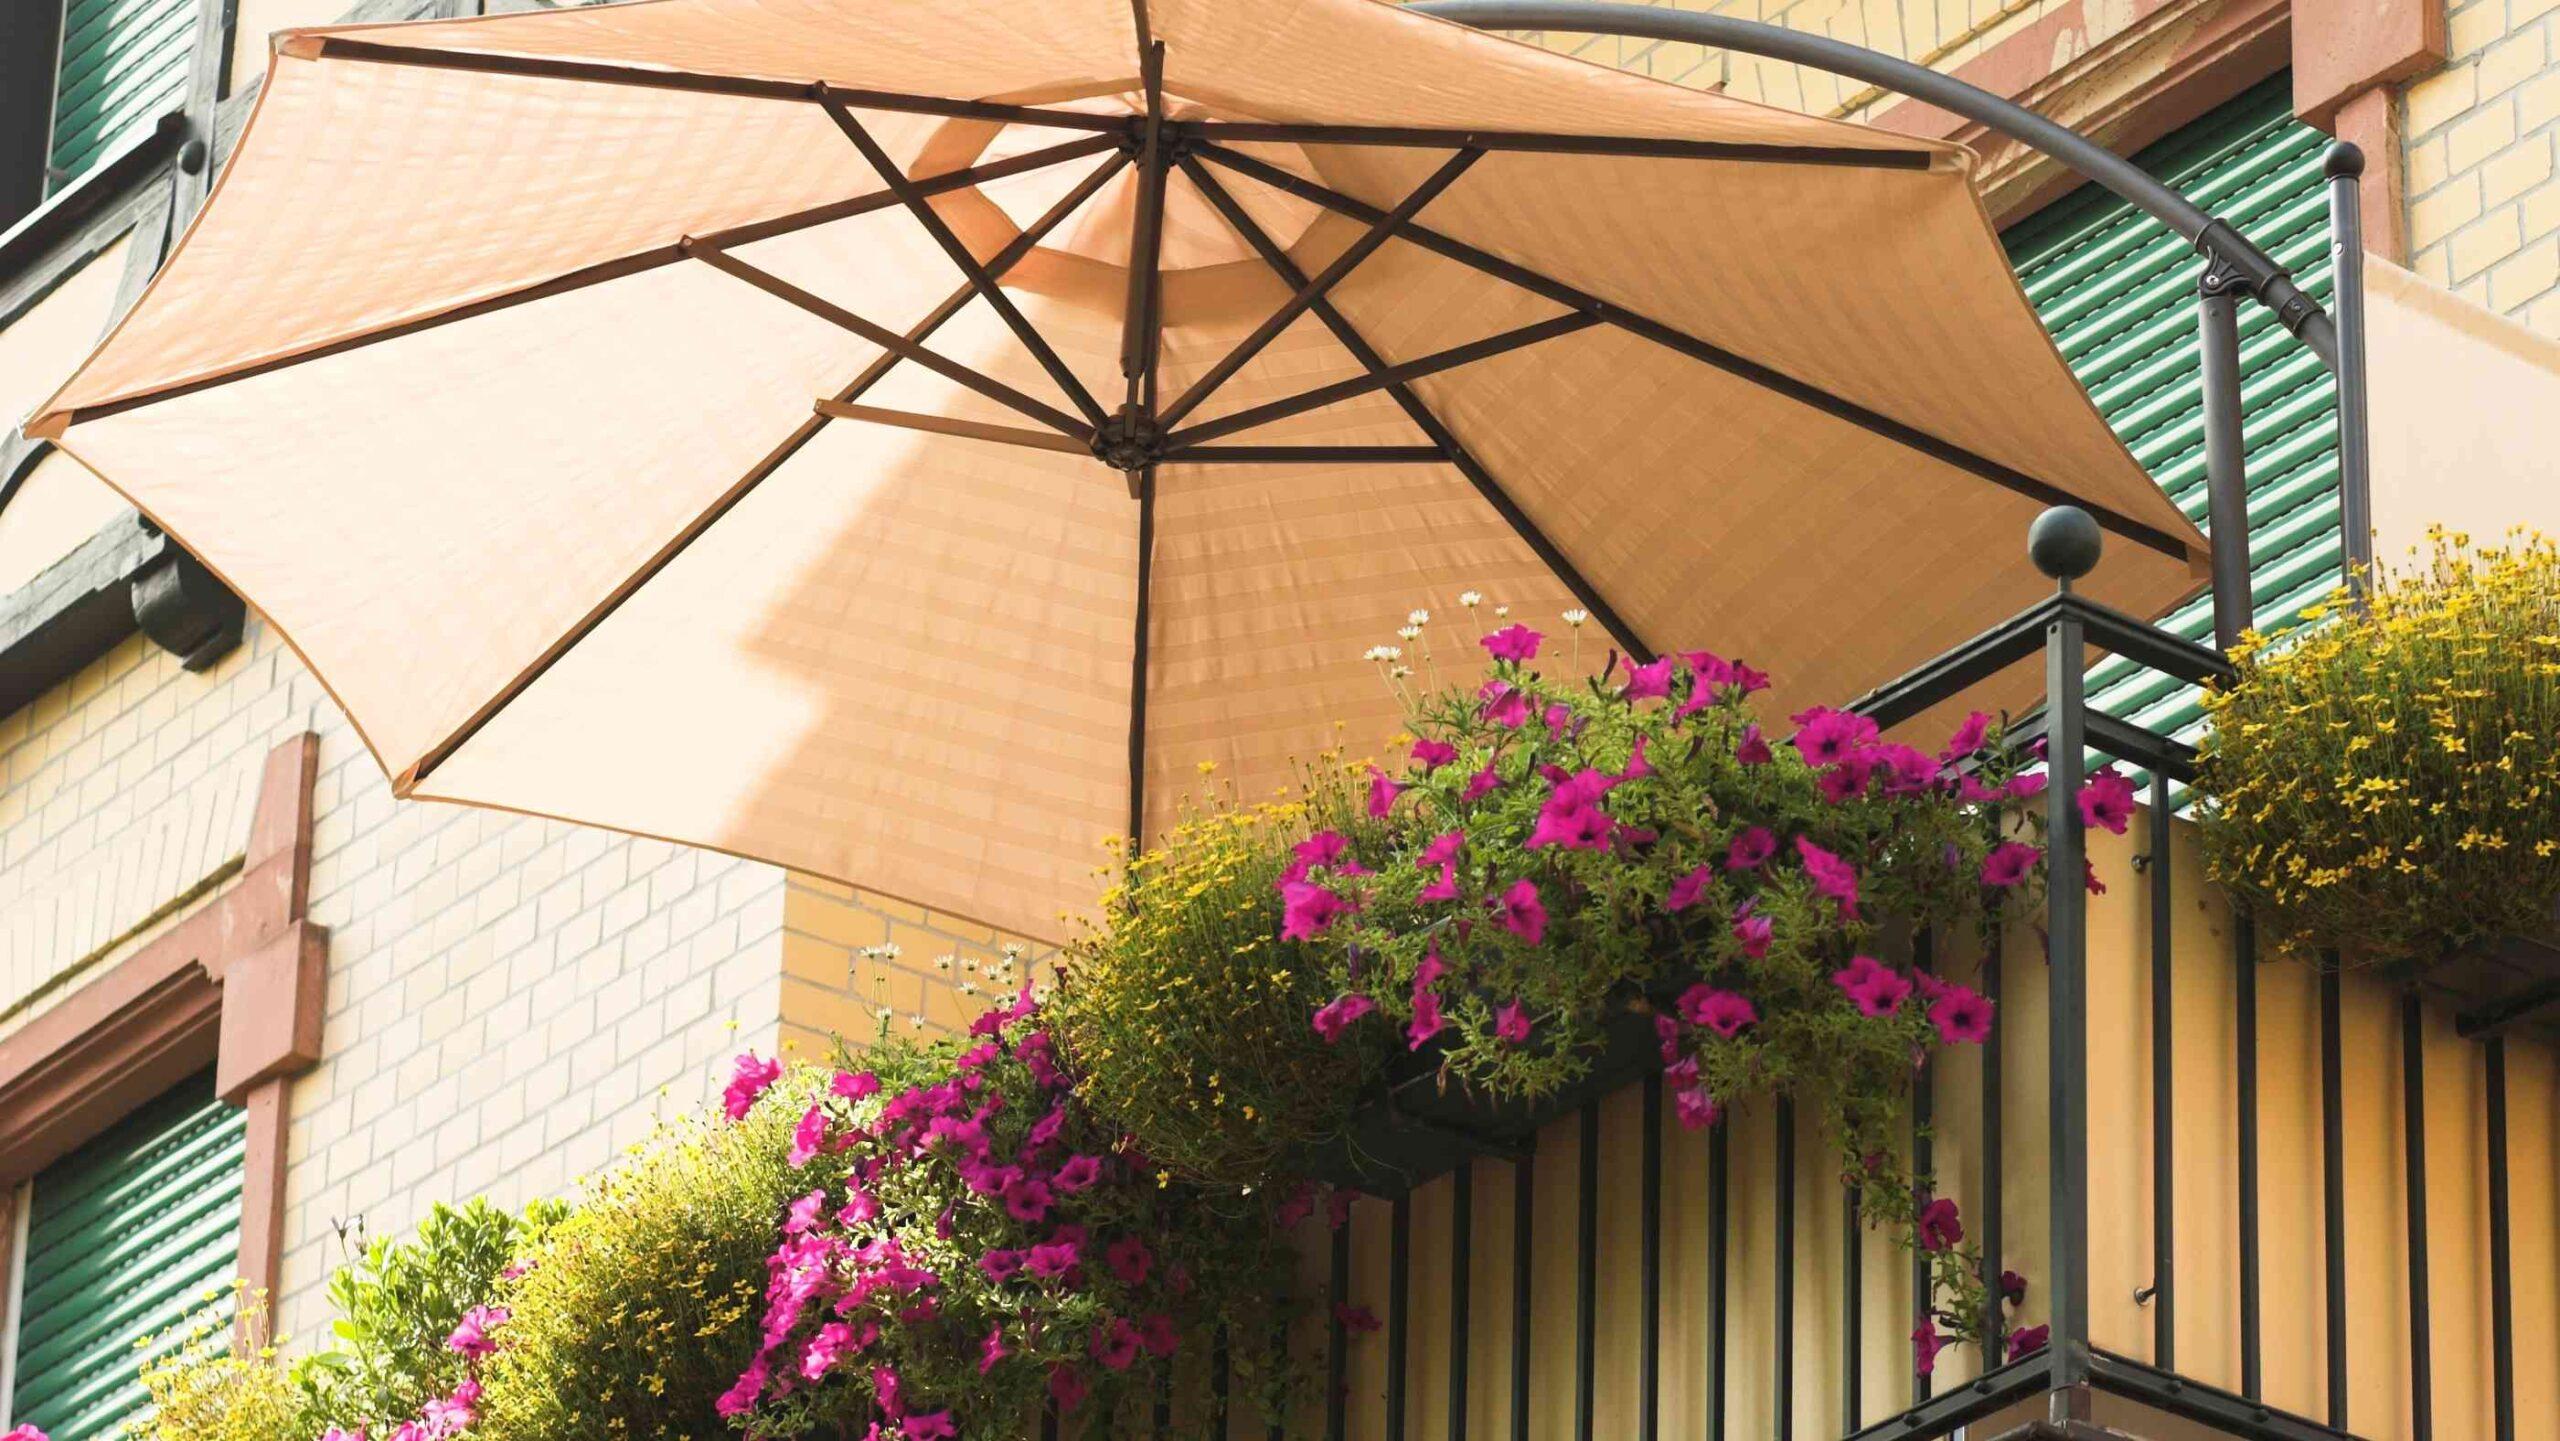 Full Size of Sichtschutz Fr Den Balkon 10 Ideen Plus Tipps Zur Montage Betten Bei Ikea Miniküche Sofa Mit Schlaffunktion 160x200 Garten Paravent Modulküche Küche Kosten Wohnzimmer Paravent Balkon Ikea